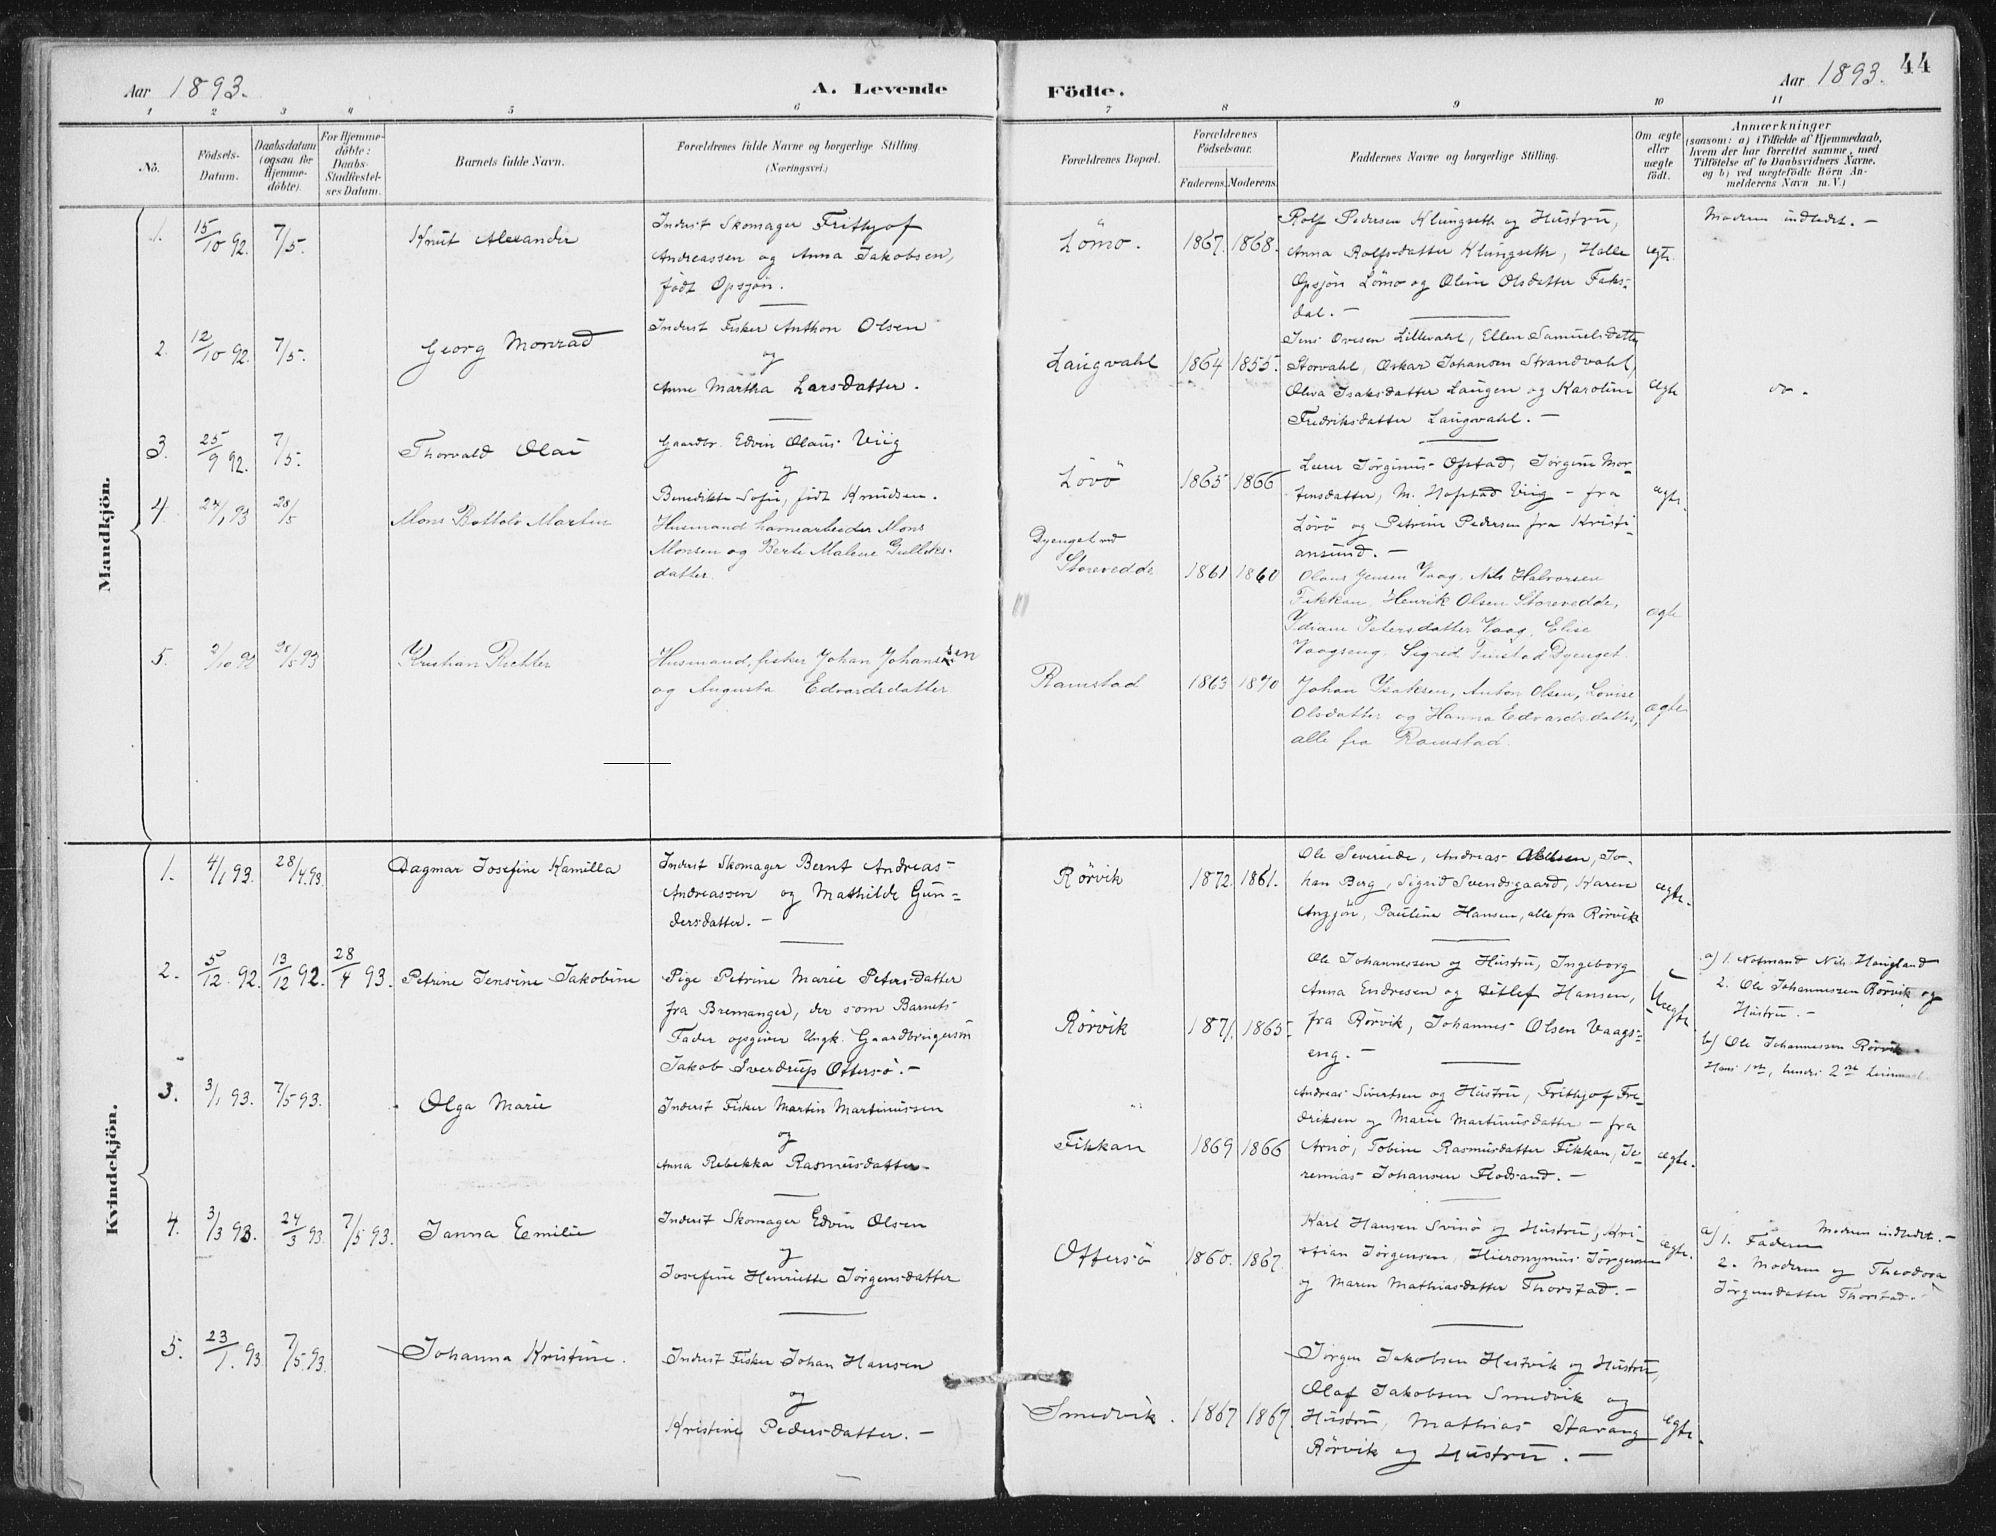 SAT, Ministerialprotokoller, klokkerbøker og fødselsregistre - Nord-Trøndelag, 784/L0673: Ministerialbok nr. 784A08, 1888-1899, s. 44